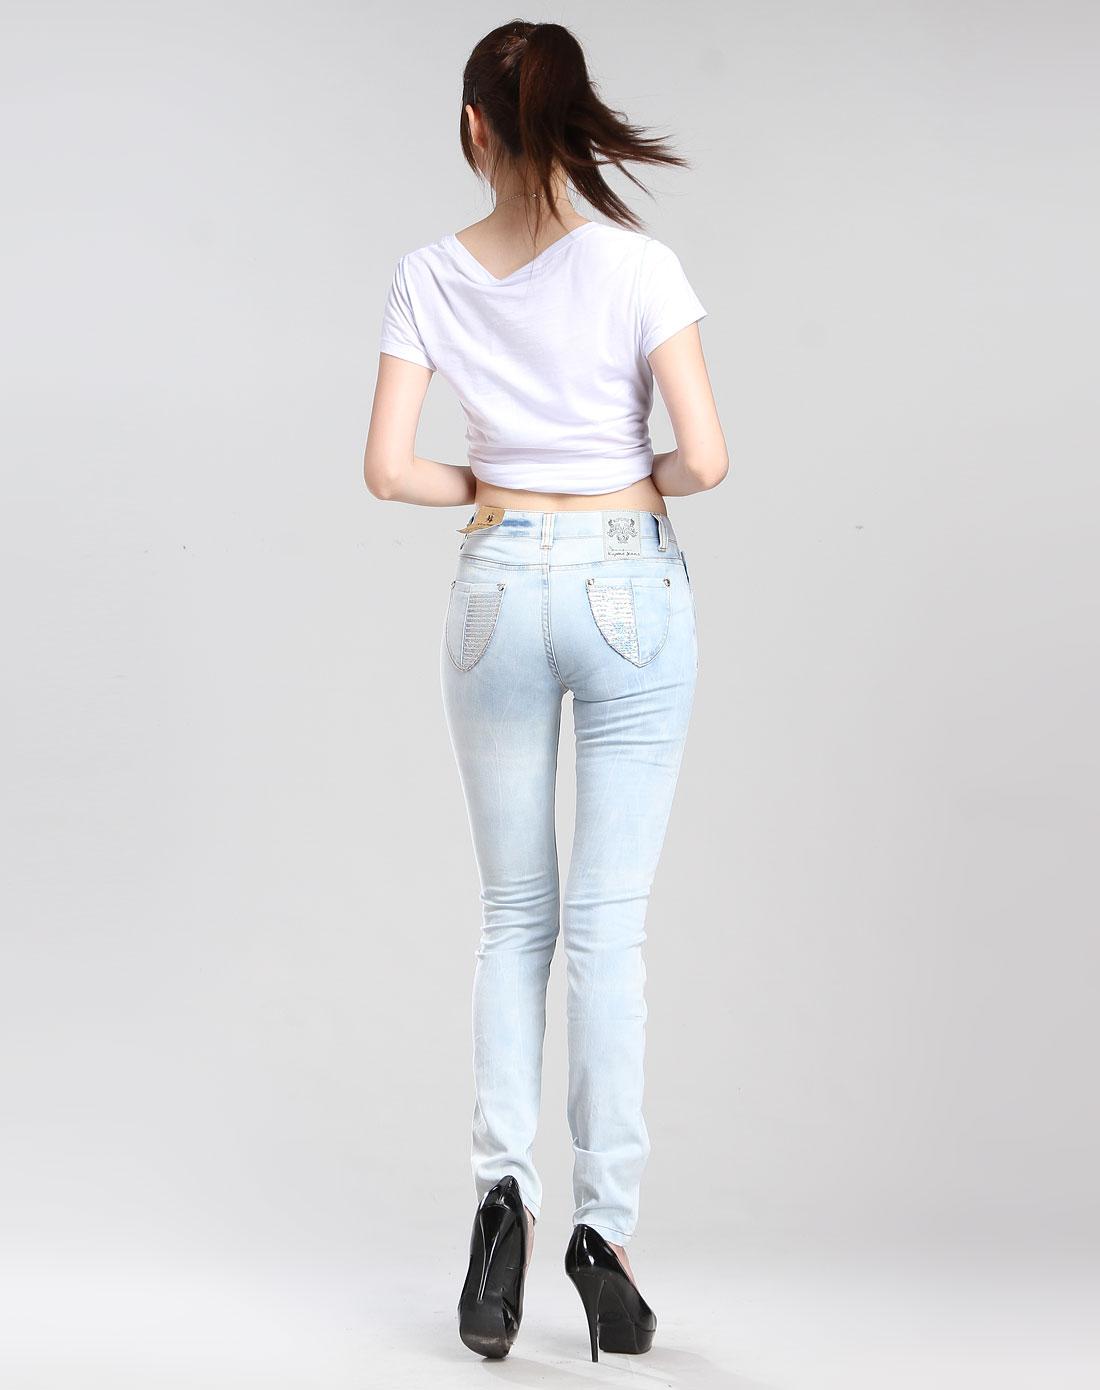 旗牌王kipone蓝/白色休闲中低腰牛仔长裤52120159